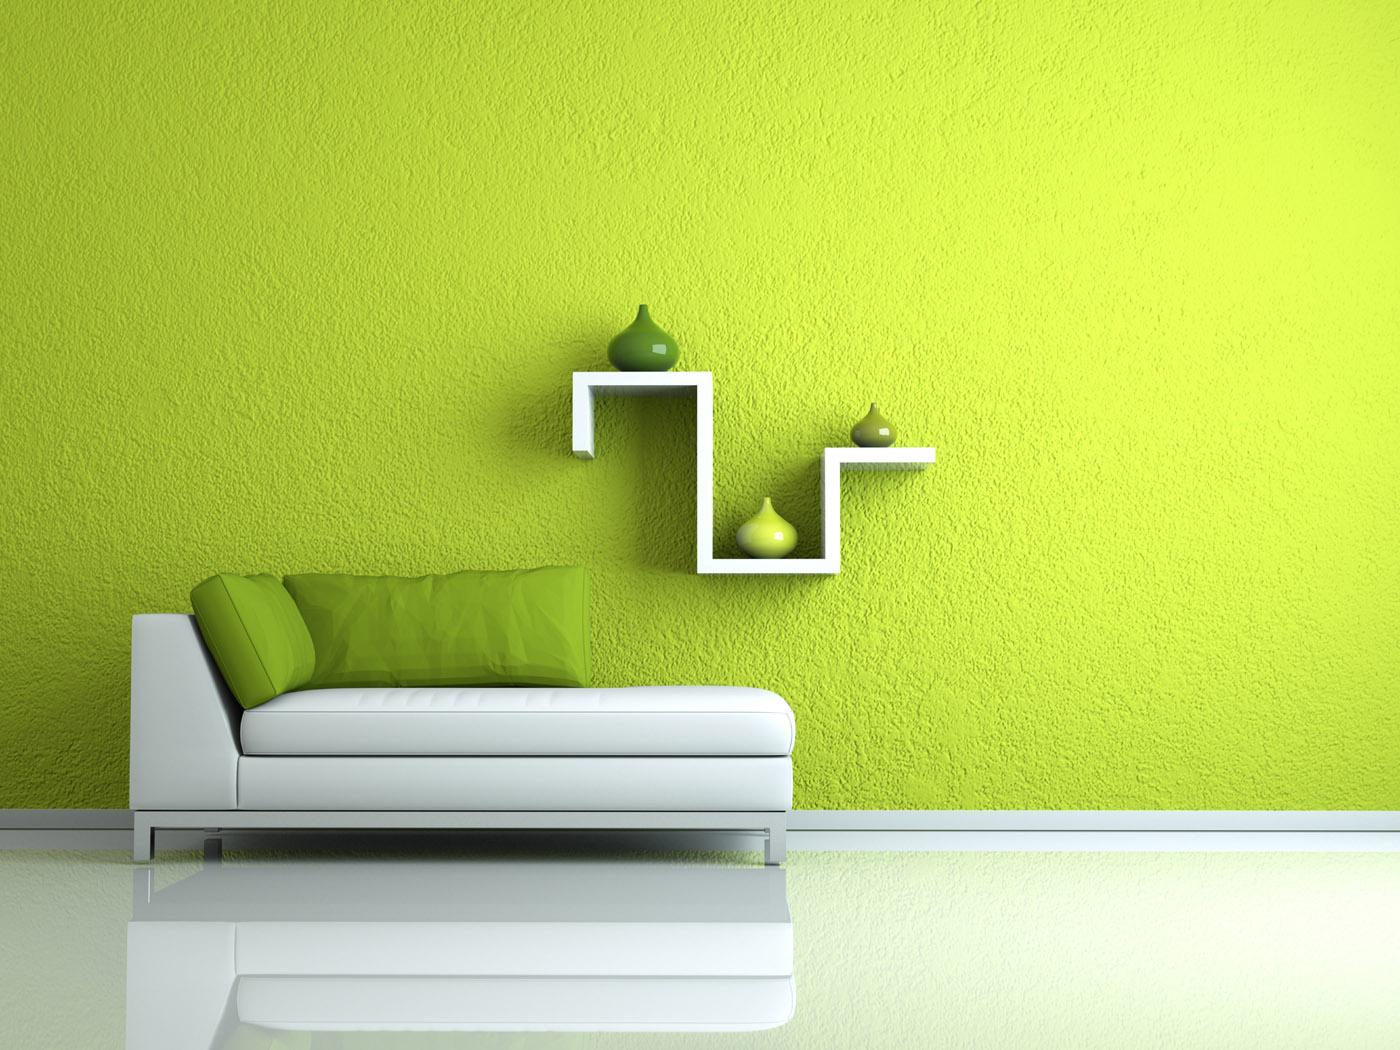 Grünes Sofa vor grüner Wand